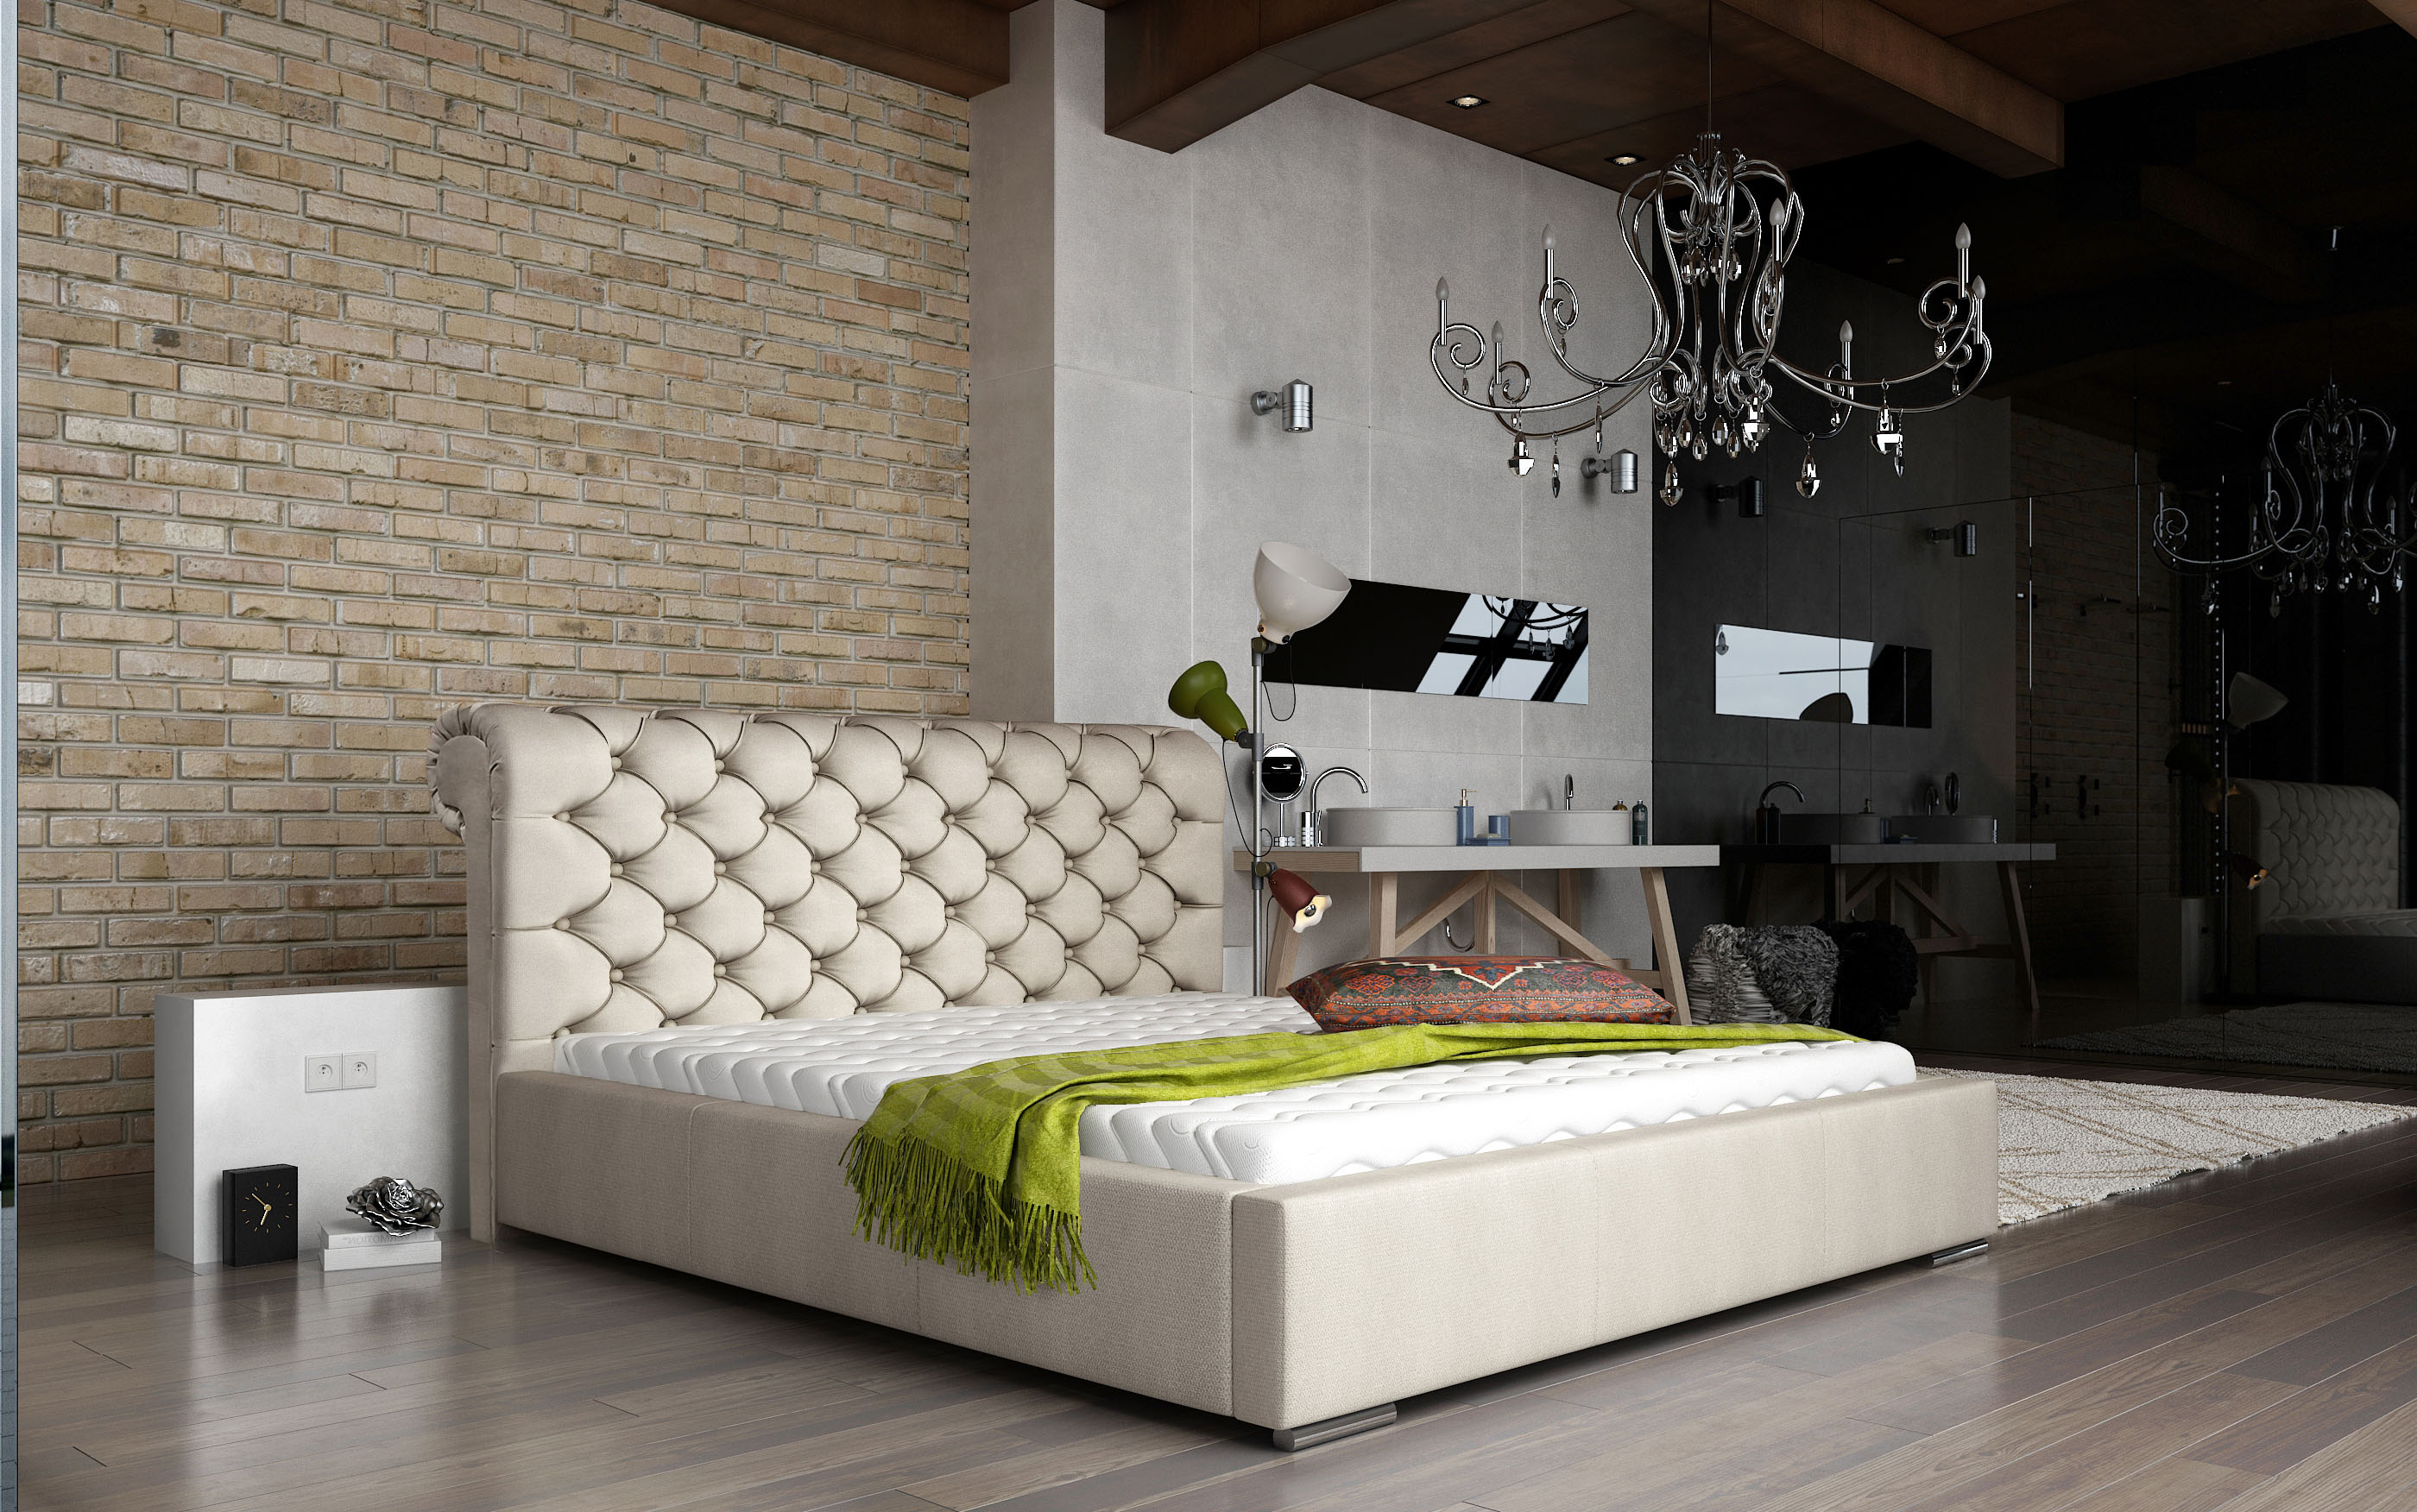 Manželská postel 140 cm - Mansfield (s roštem)